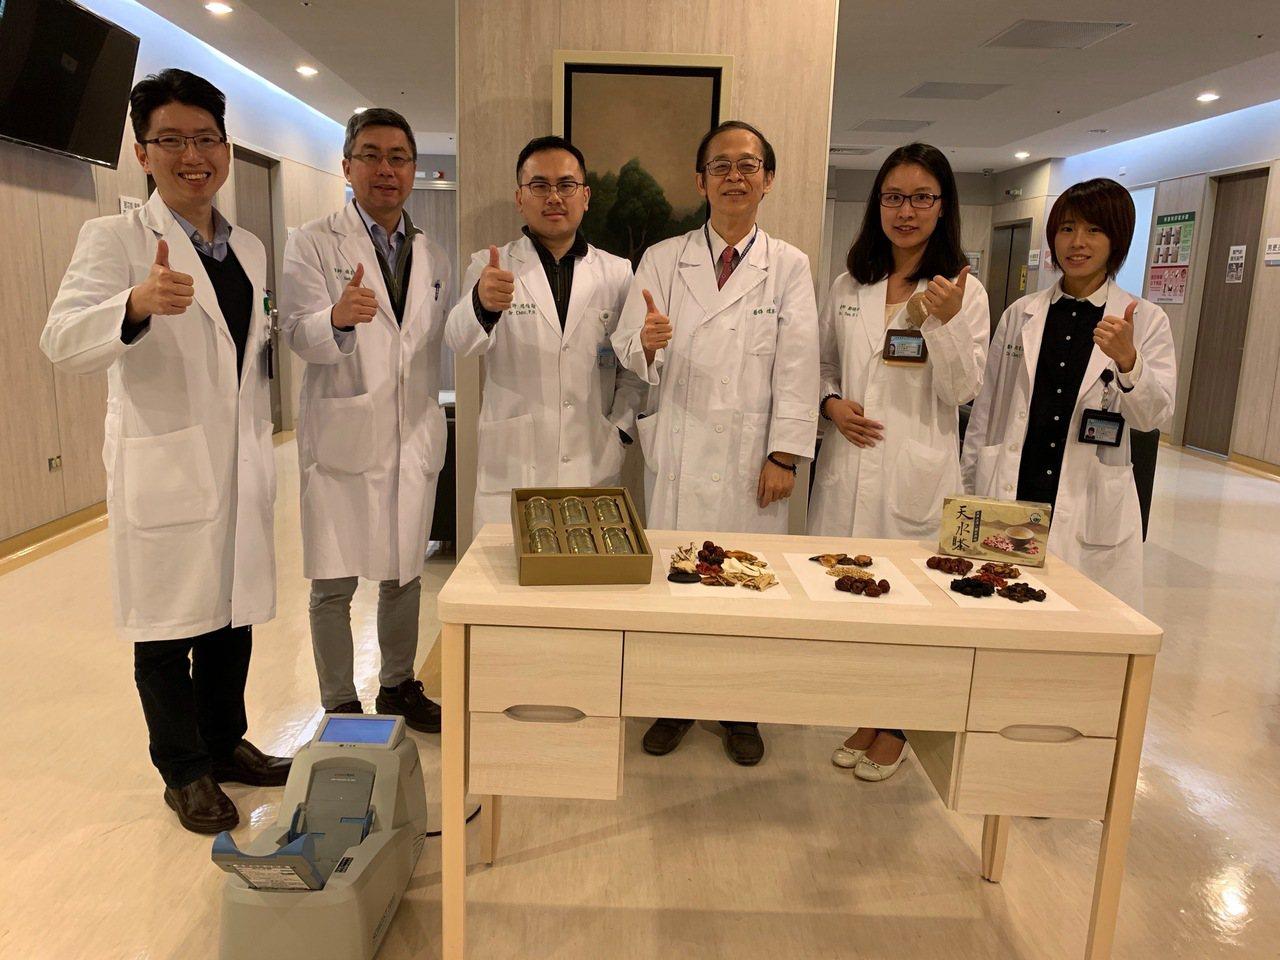 中國醫藥大學新竹附設醫院將在12月12舉辦院慶,當天有健康園遊會活動,擺設10個...